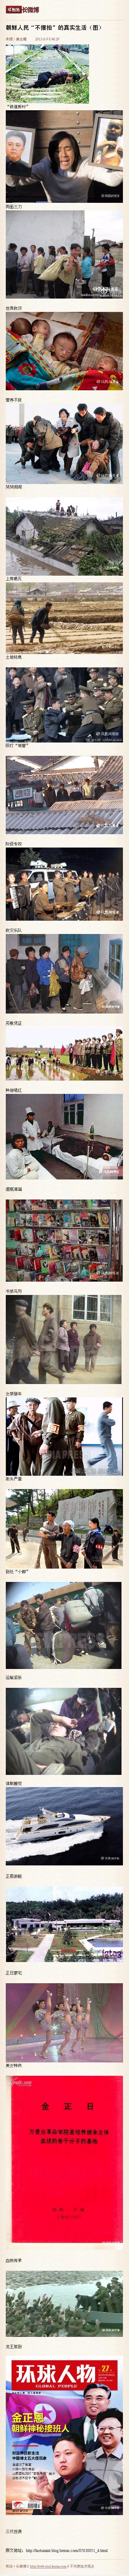 """朝鲜人民""""不摆拍""""的真实生活(图) - 秦全耀 - 秦全耀的博客"""